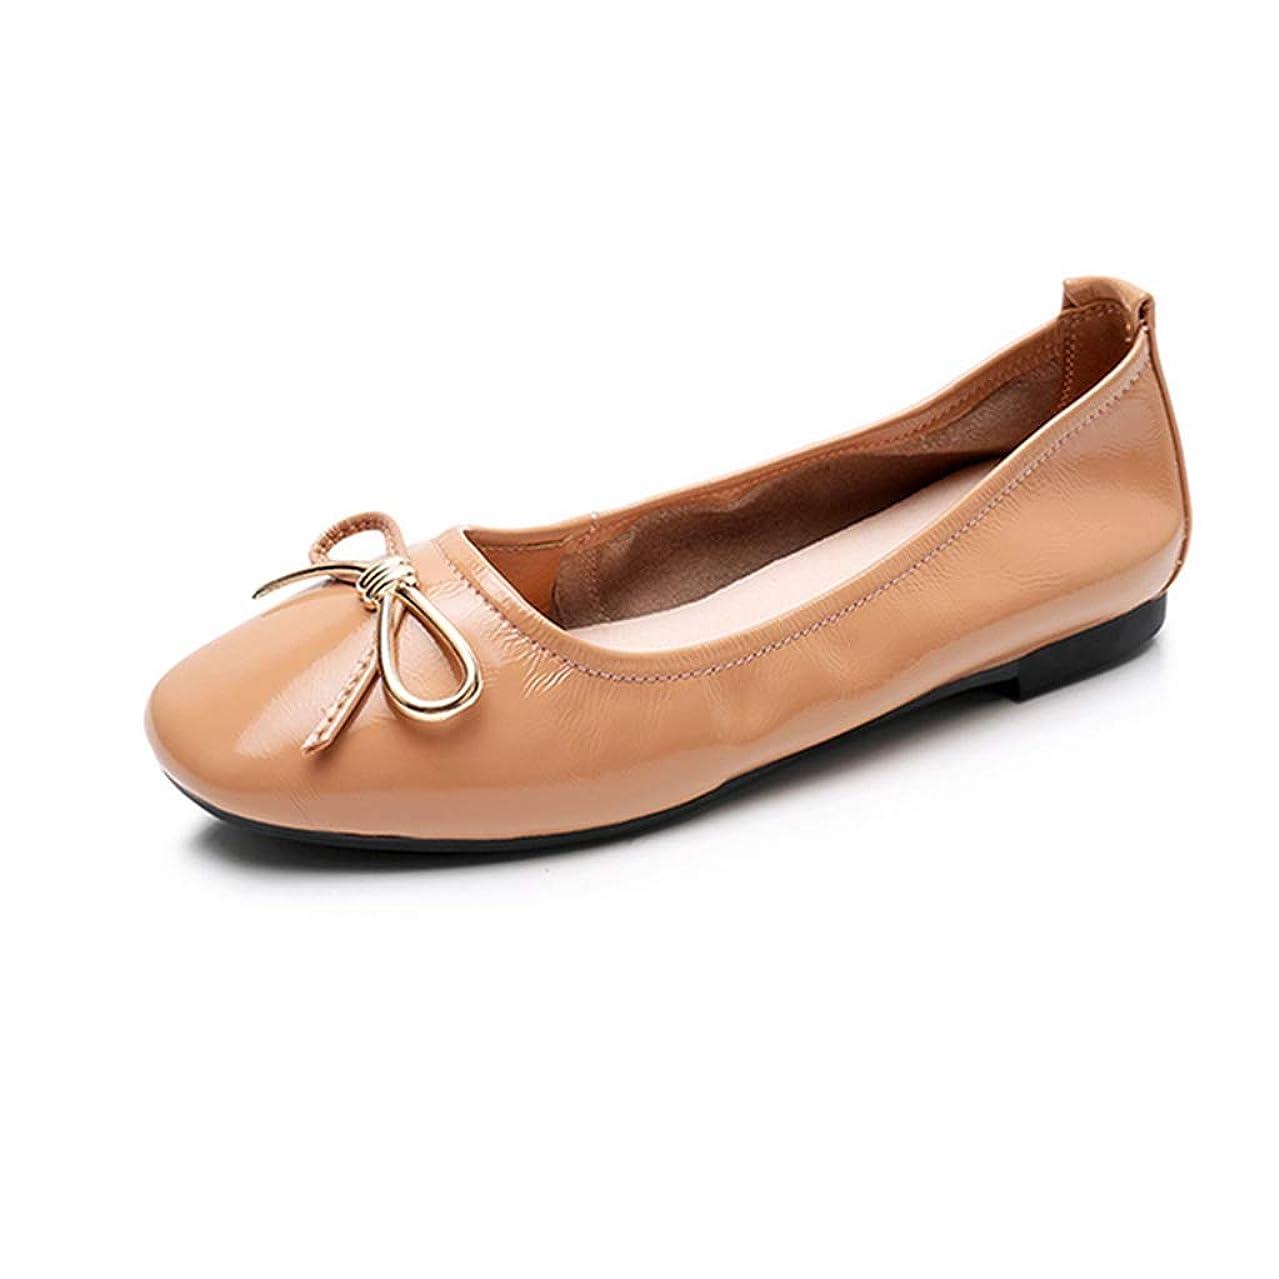 考古学的なテープ崇拝します[リンゼ] シューズ バレエシューズ レディース フラットシューズ パンプス 痛くない ローヒール 疲れにくい 通勤 お買い物 お出かけ ローファー パンプス 靴 光沢のある 女性 ローヒール 歩きやすい 婦人靴 ぺたんこ靴